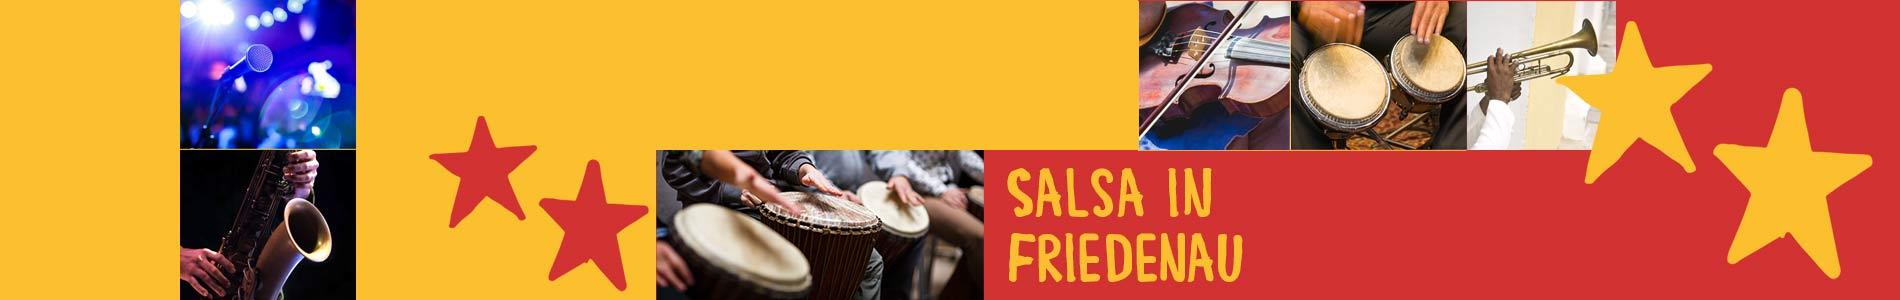 Salsa in Friedenau – Salsa lernen und tanzen, Tanzkurse, Partys, Veranstaltungen